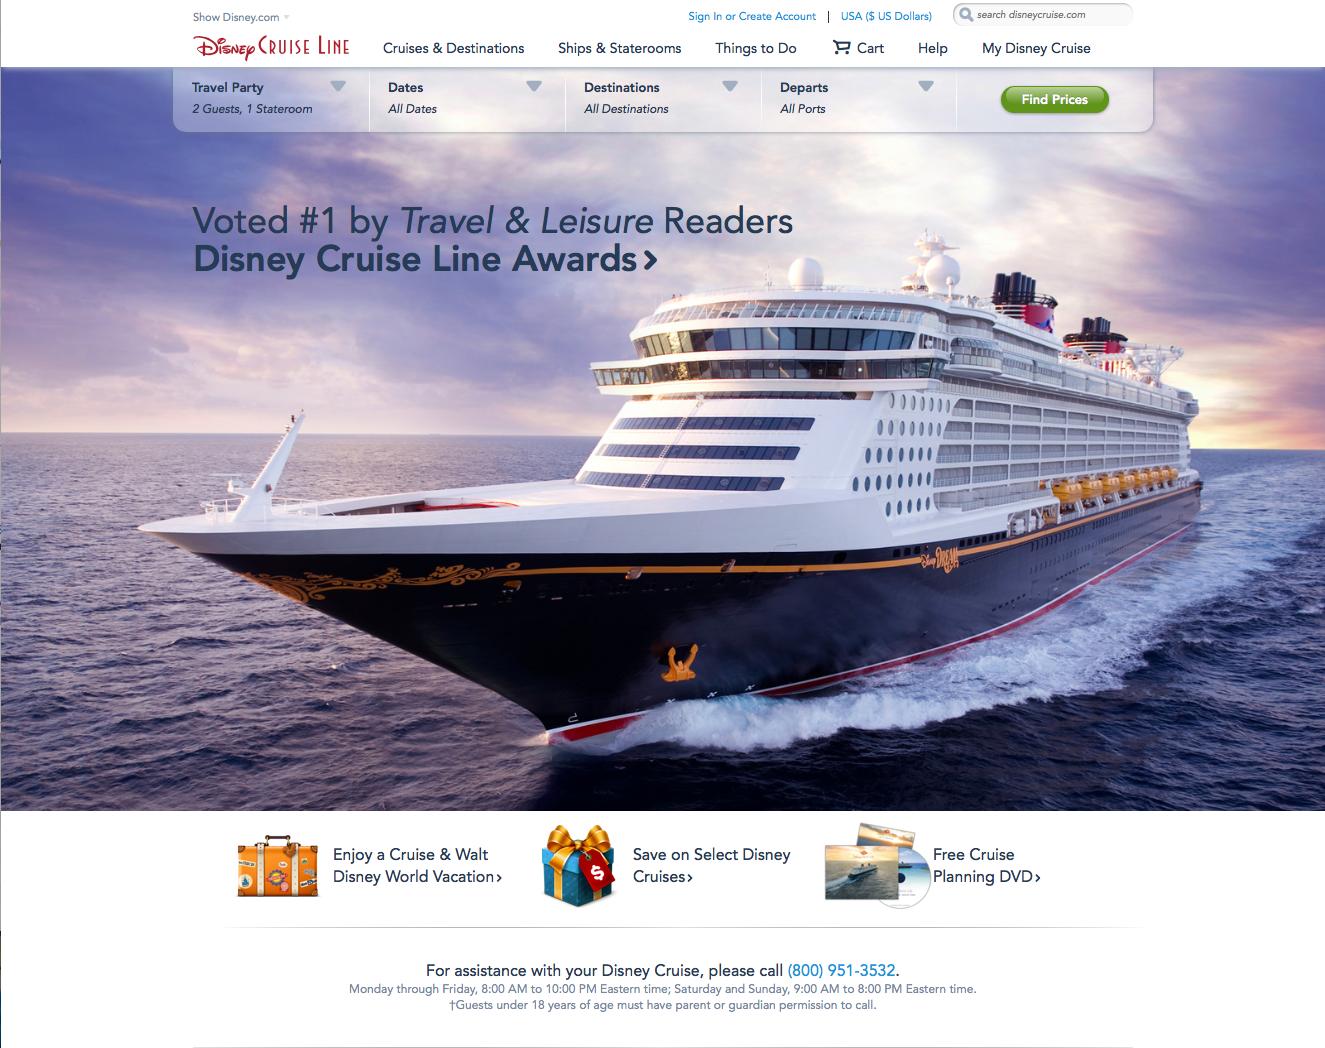 DCL September 2015 Website Refresh